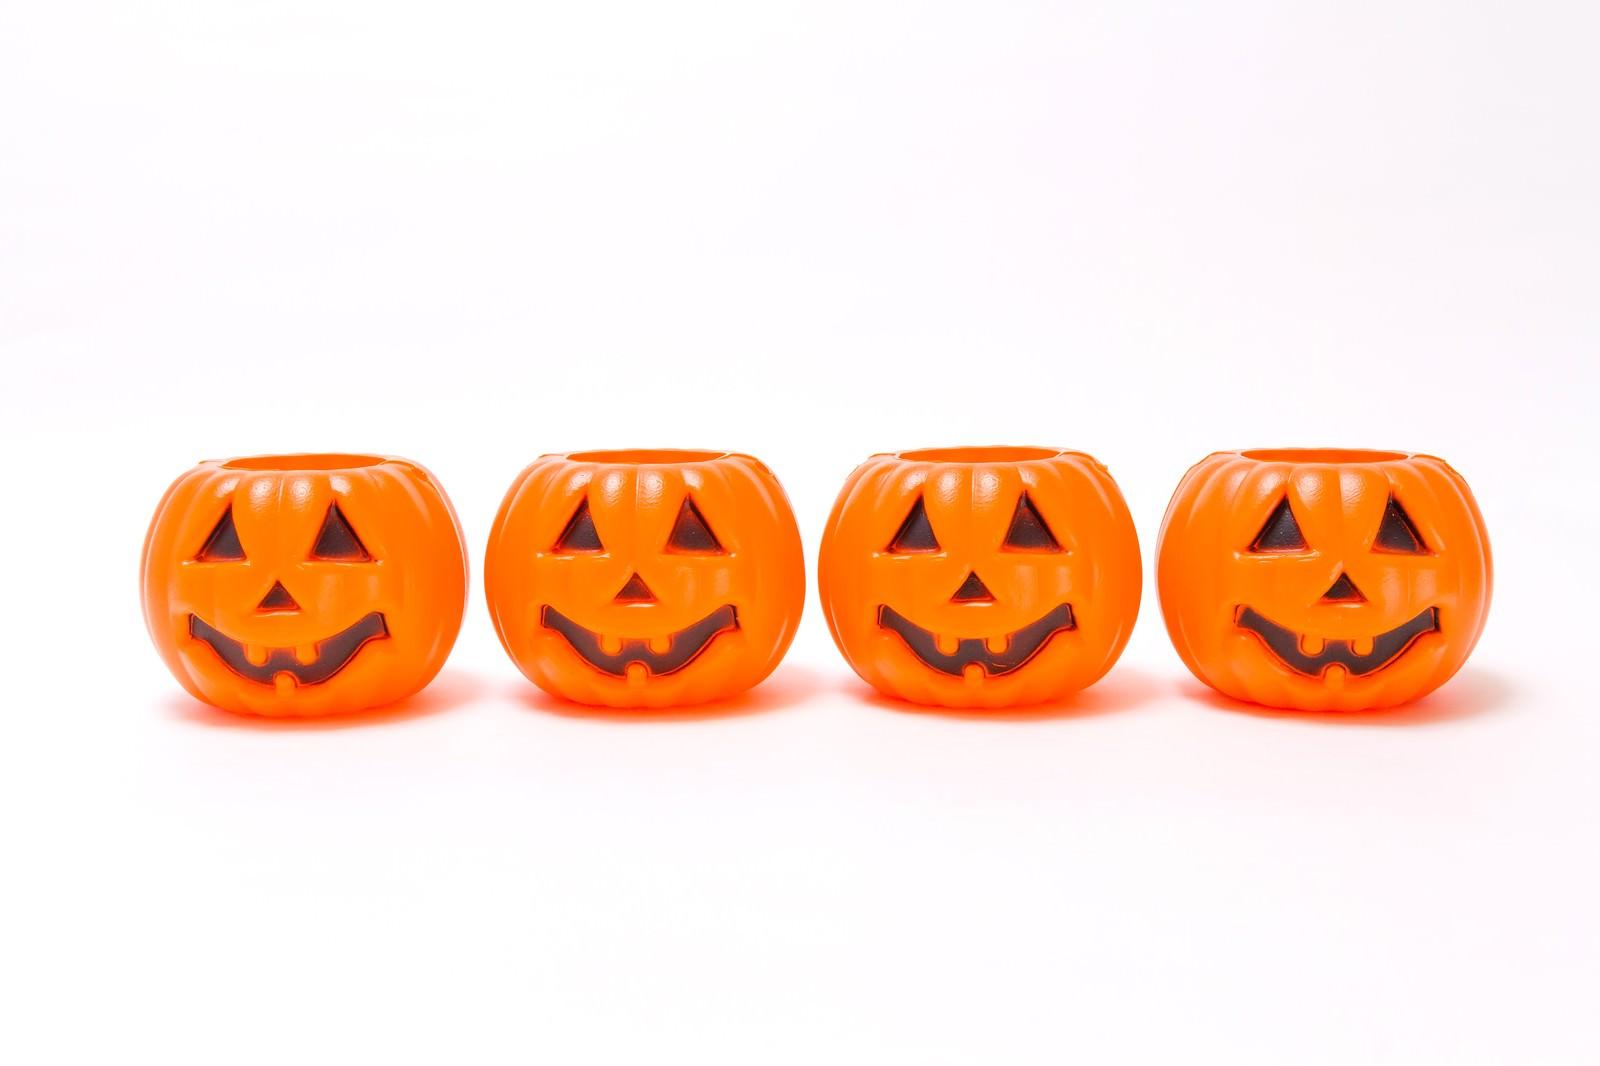 「一列に並んだハロウィンかぼちゃ」の写真